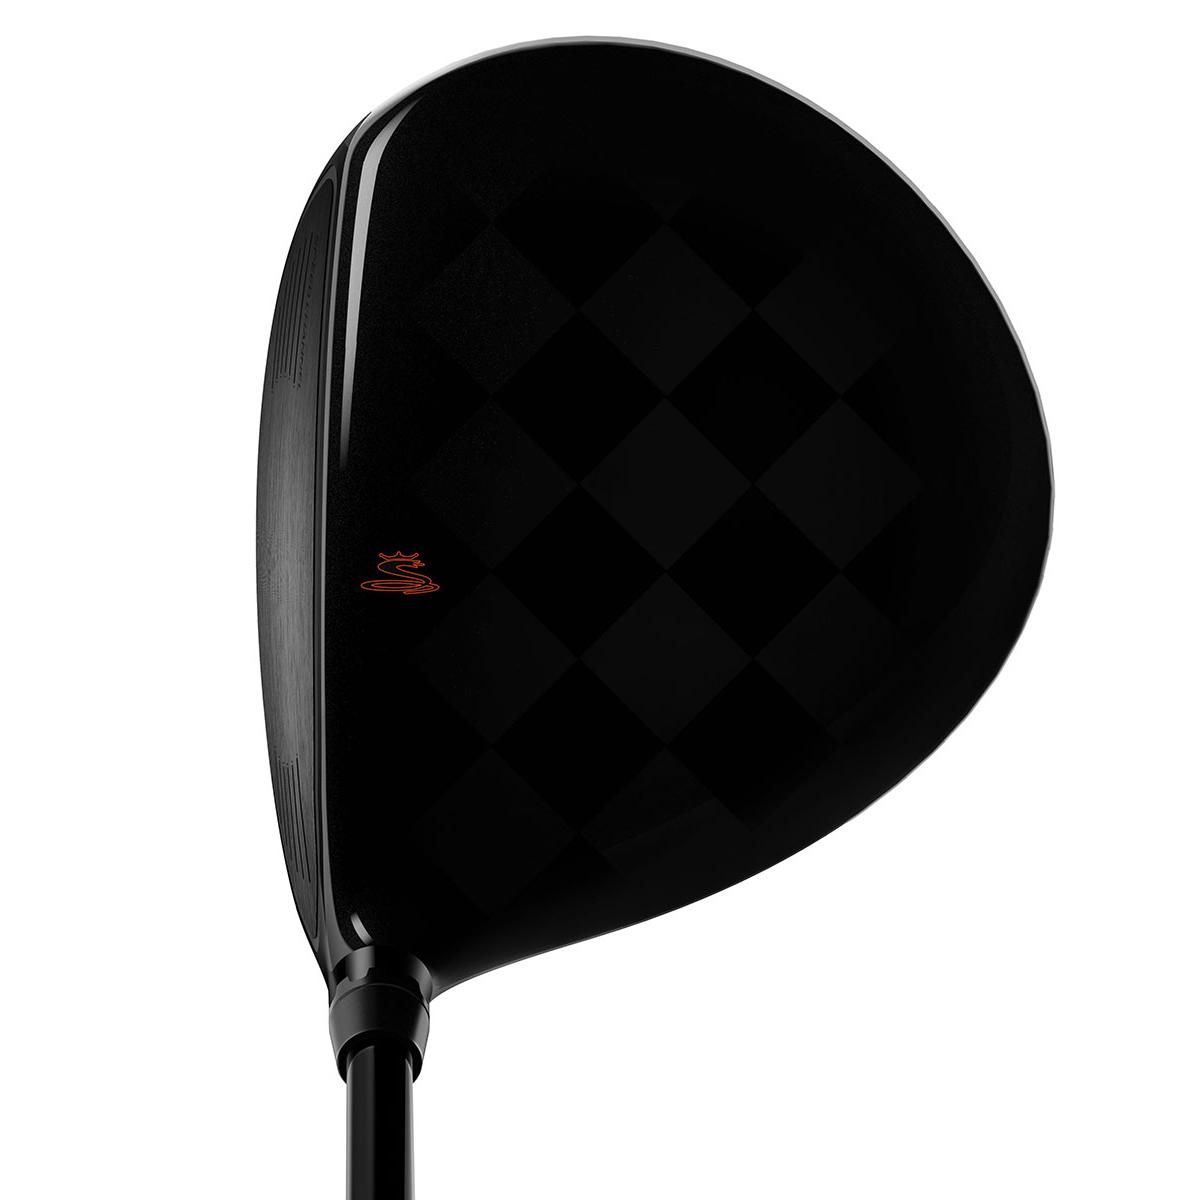 Cobra Golf King Ltd Driver